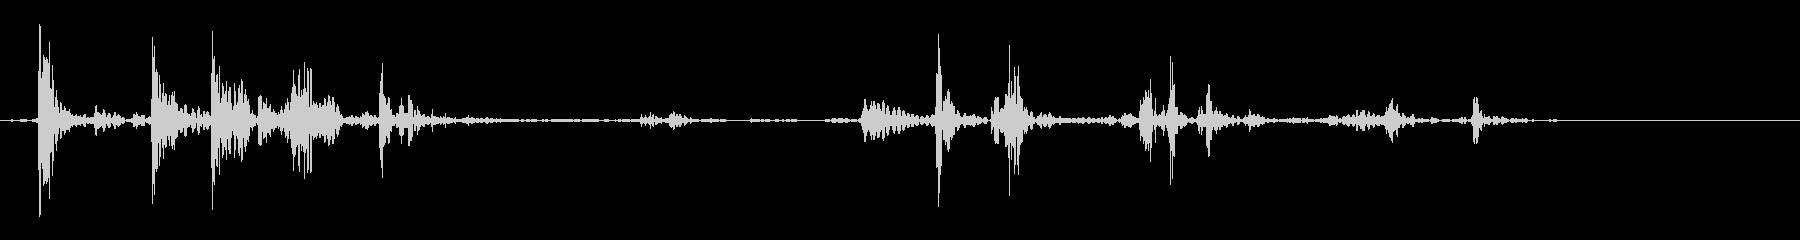 ロックタンブルアンドボルダーオンロールの未再生の波形